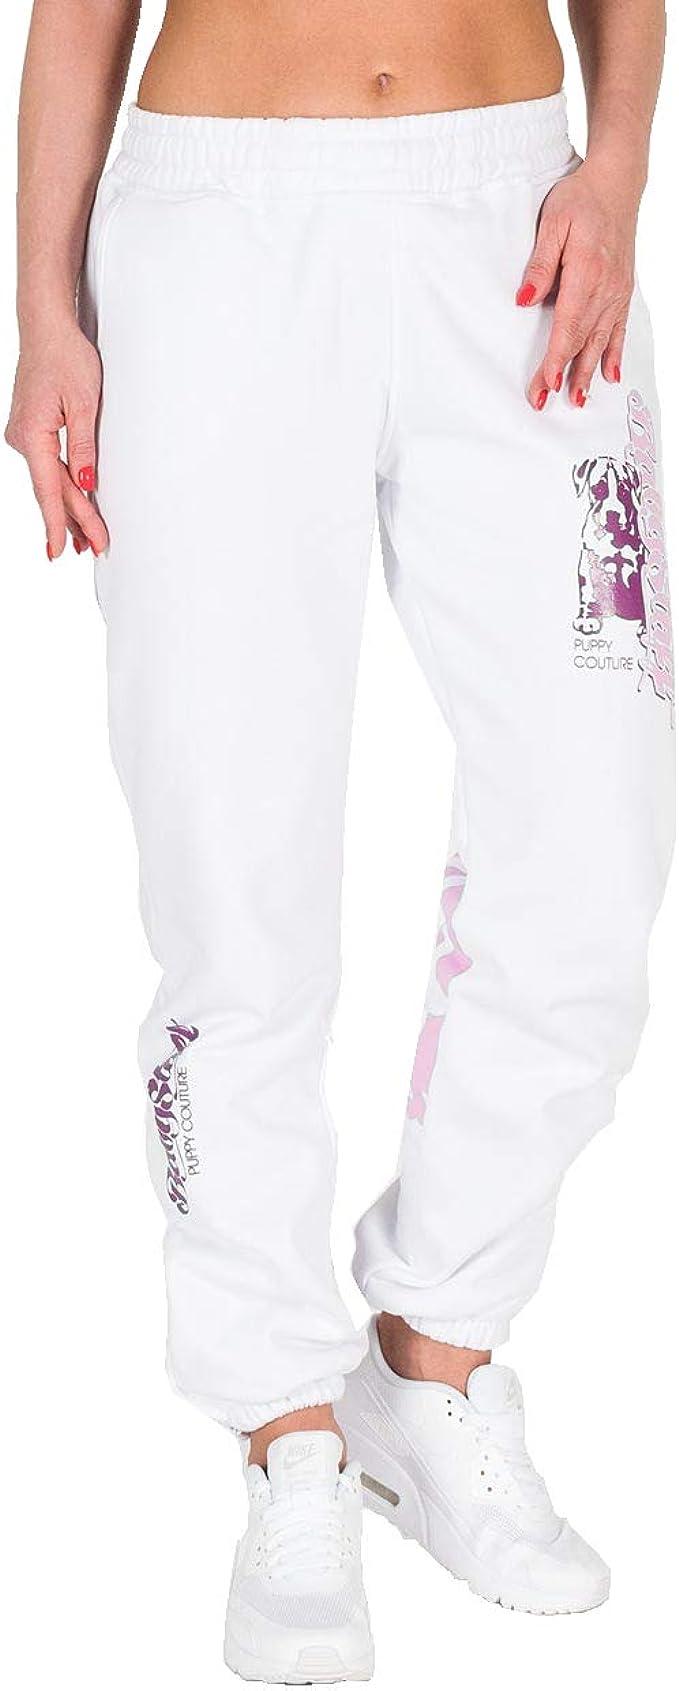 Babystaff Frauen Merah Sport Jogginghose Damen Jogger Sweatpants XS S M L XL